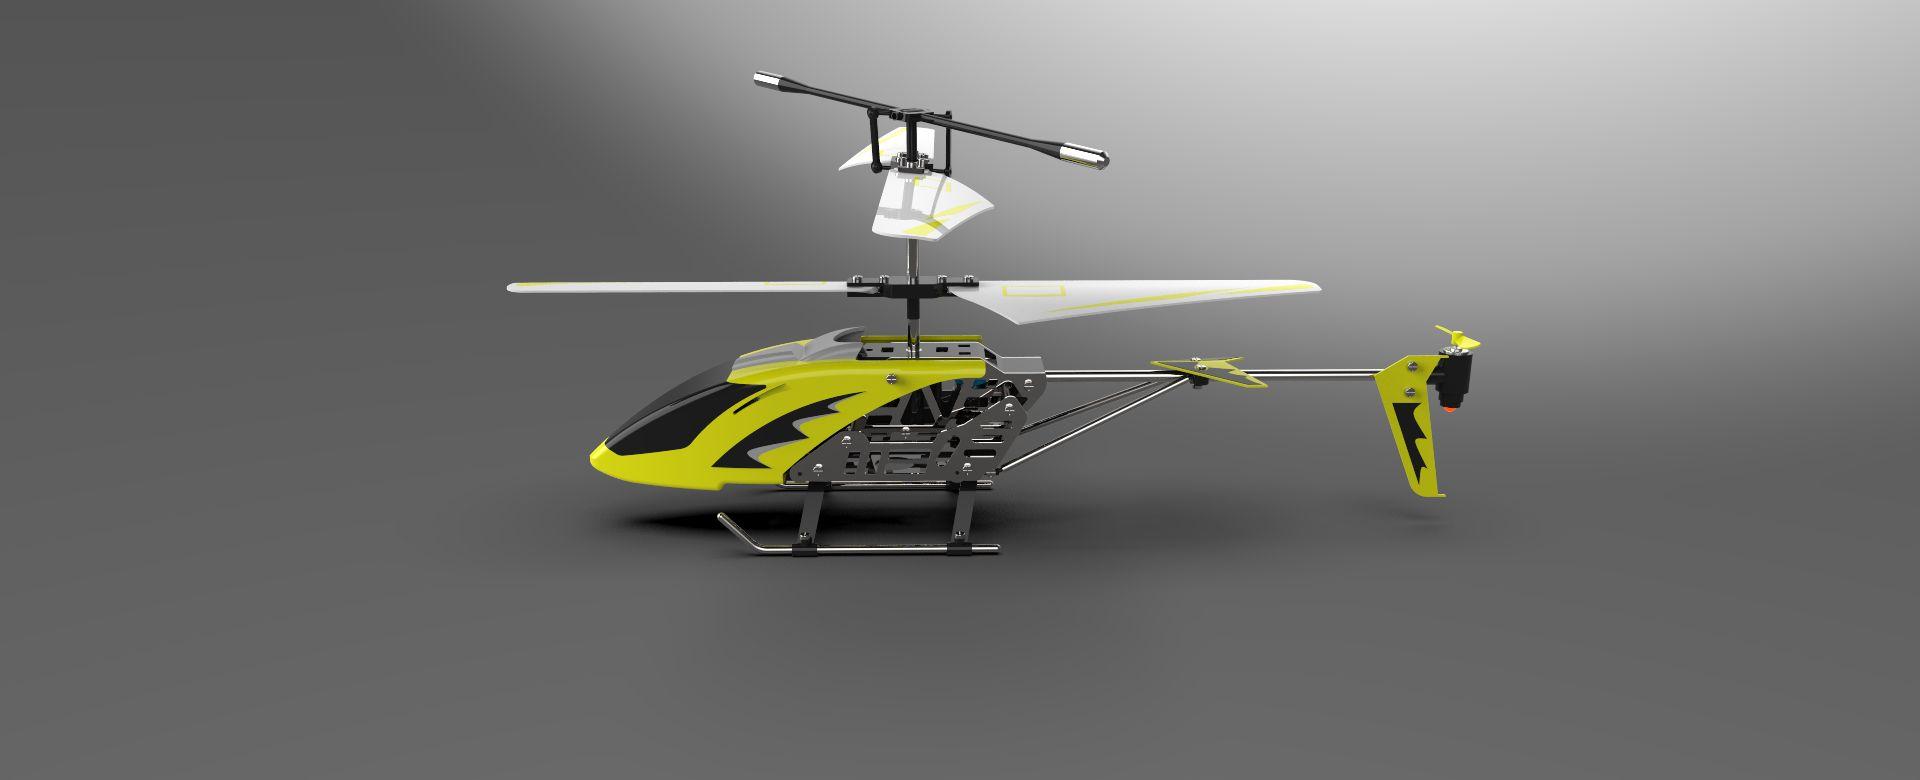 Choper-166-3500-3500